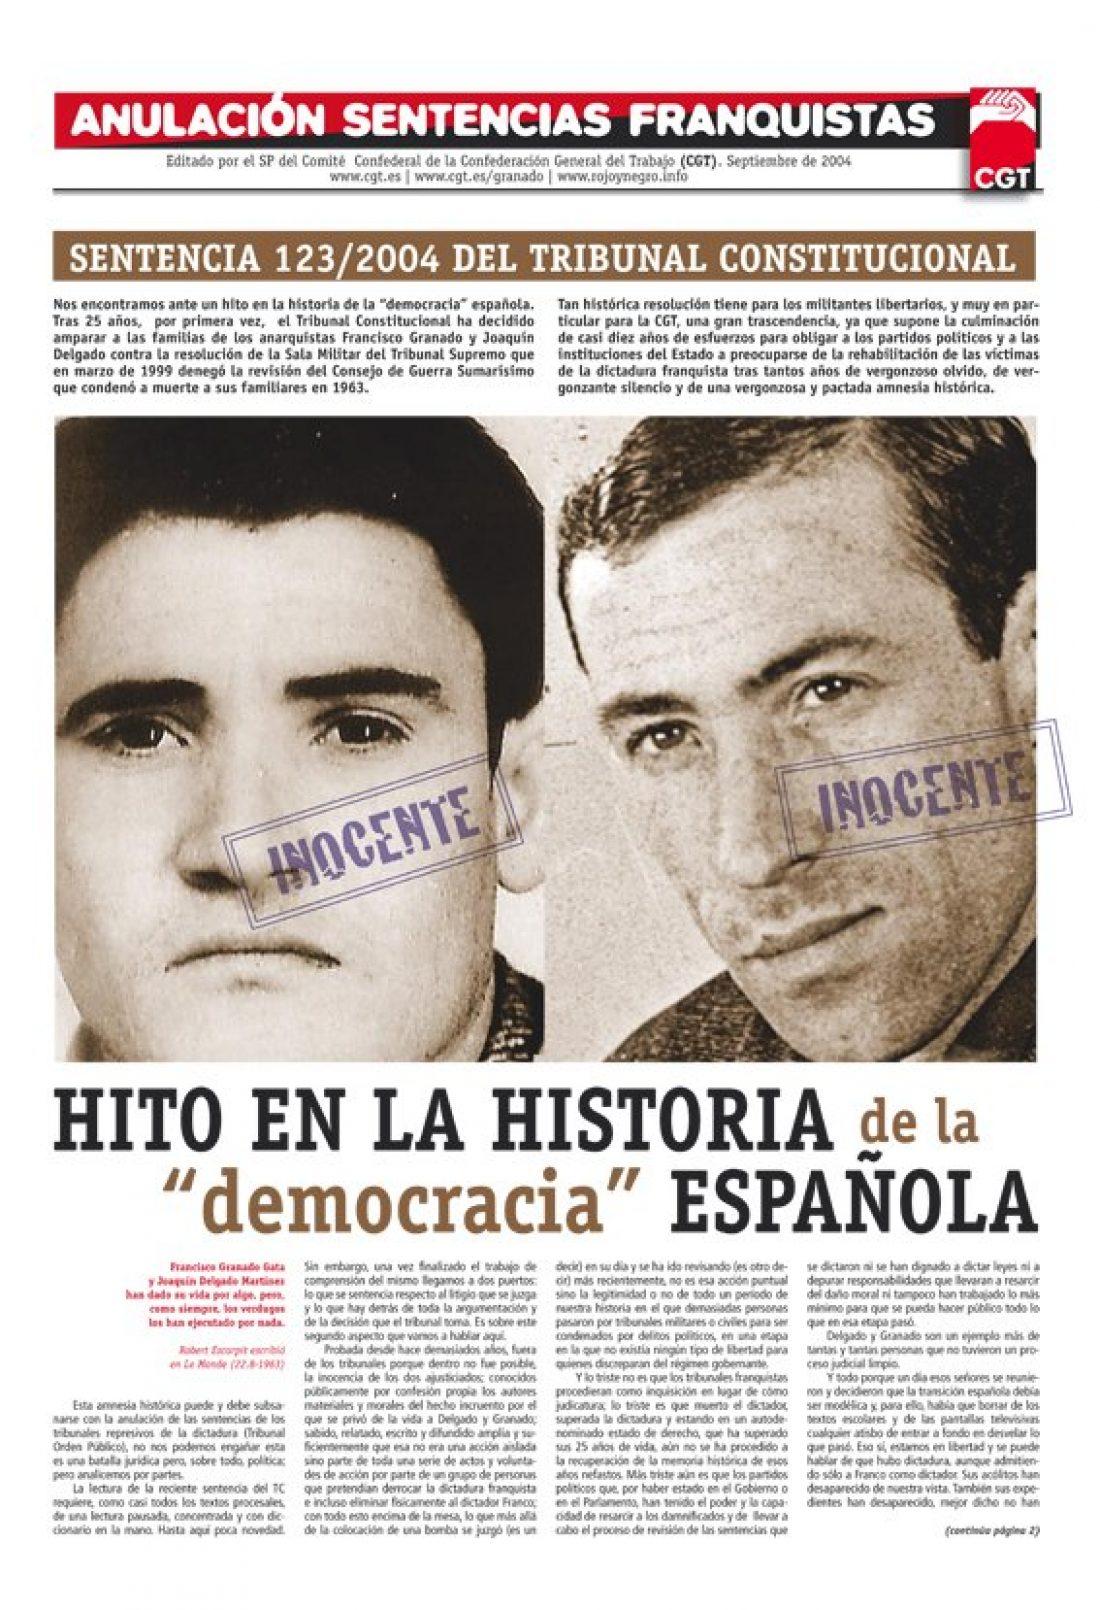 Anulación sentencias franquistas. Especial Granado y Delgado